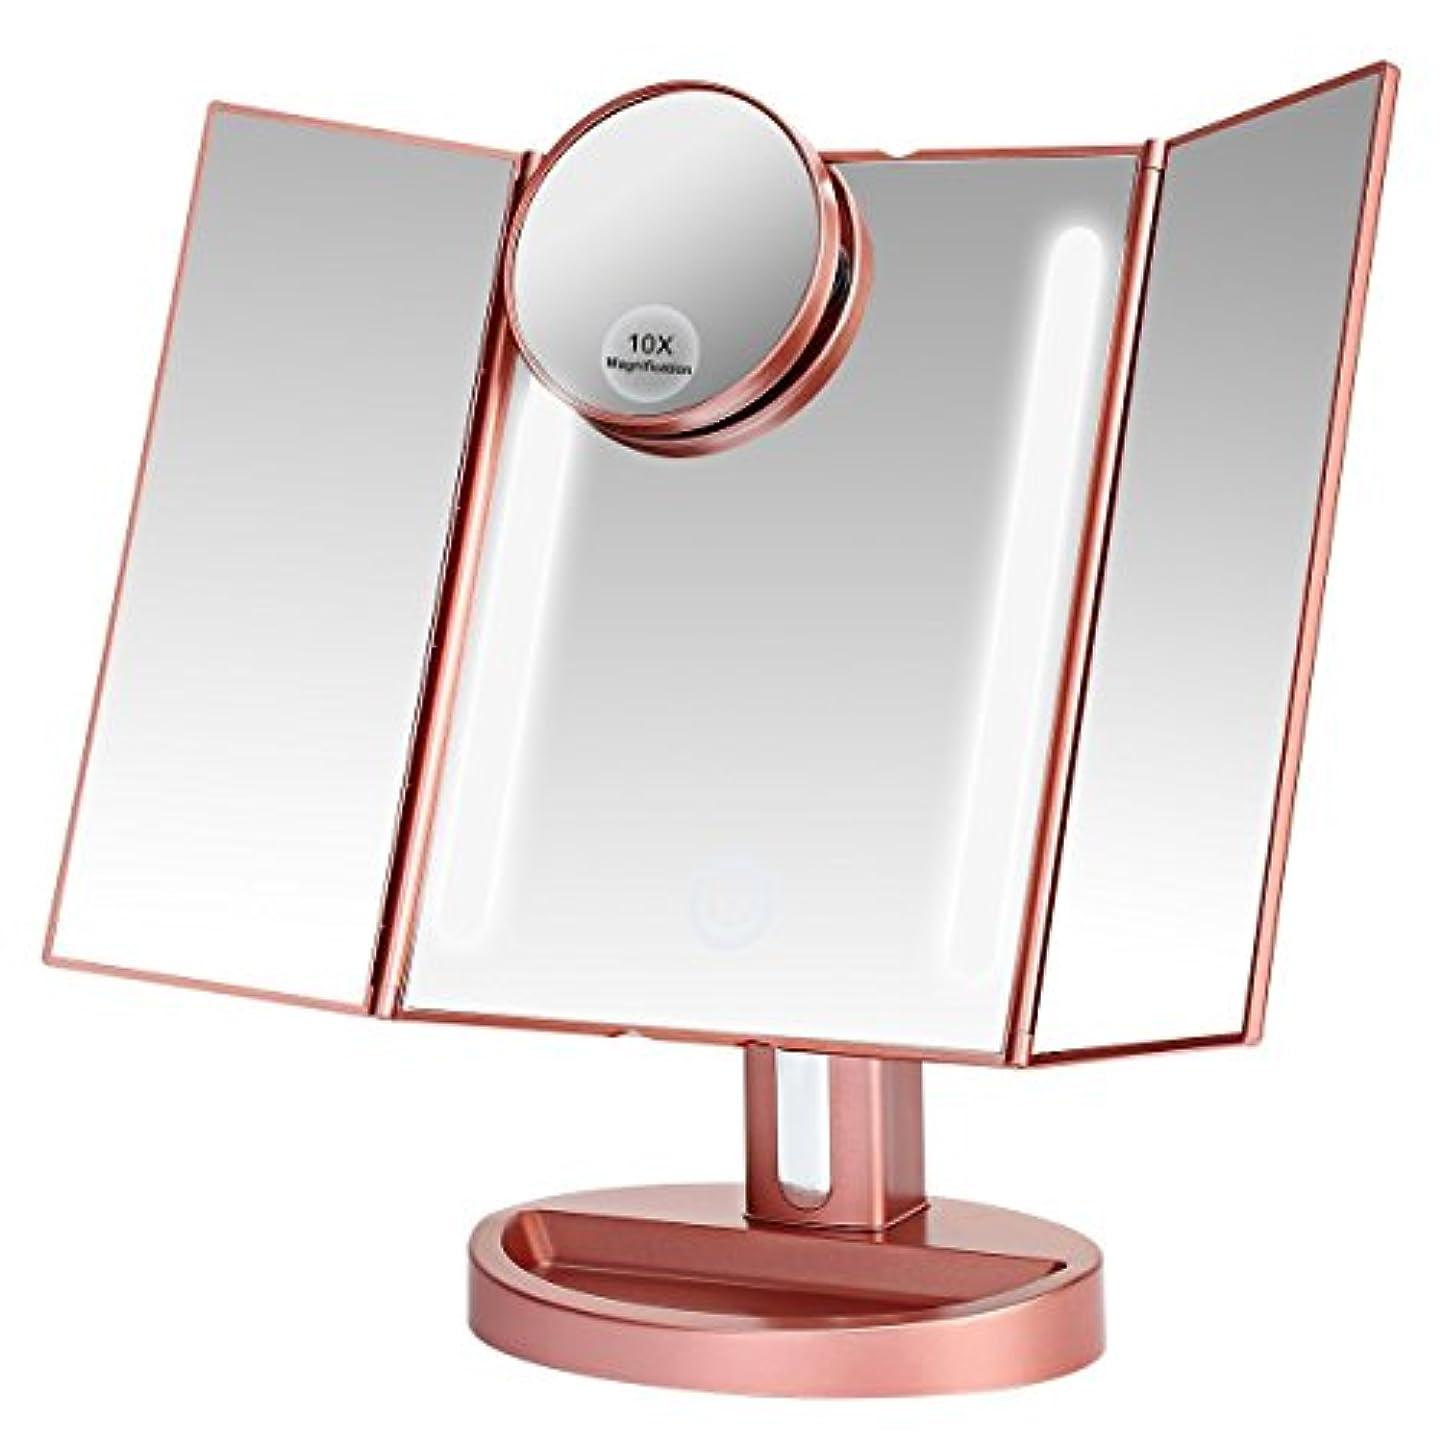 すごいバイアス急いでLEEPWEI 化粧鏡  LED三面鏡 折りたたみ式 10倍拡大鏡付き 明るさ調節 180度回転